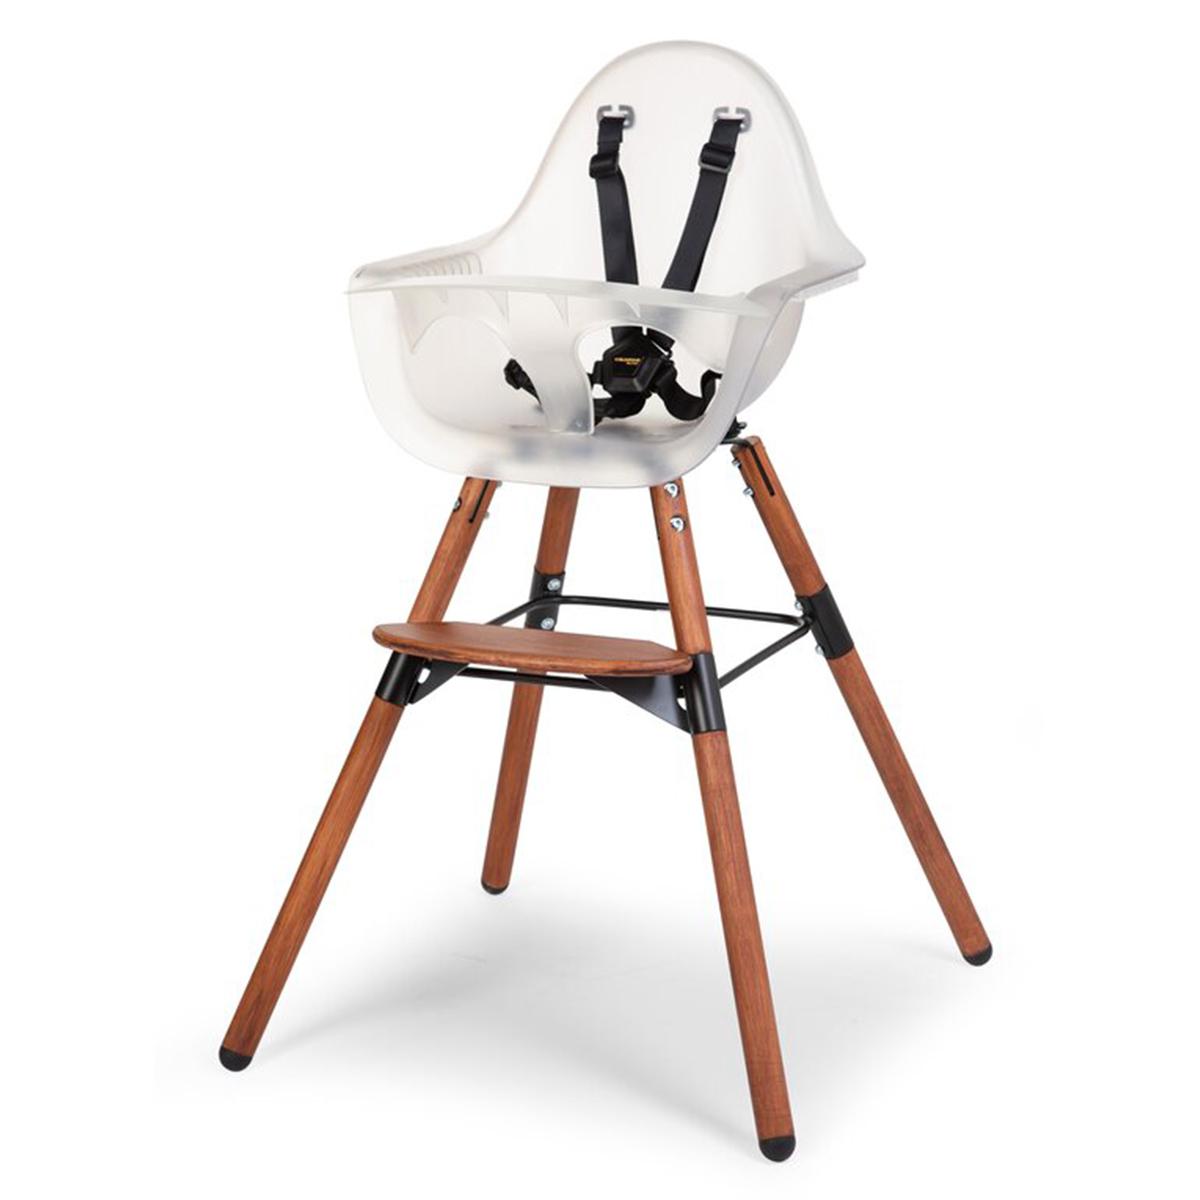 Chaise haute Chaise Haute Evolu 2 - Naturel Foncé et Frosted Chaise Haute Evolu 2 - Naturel Foncé et Frosted